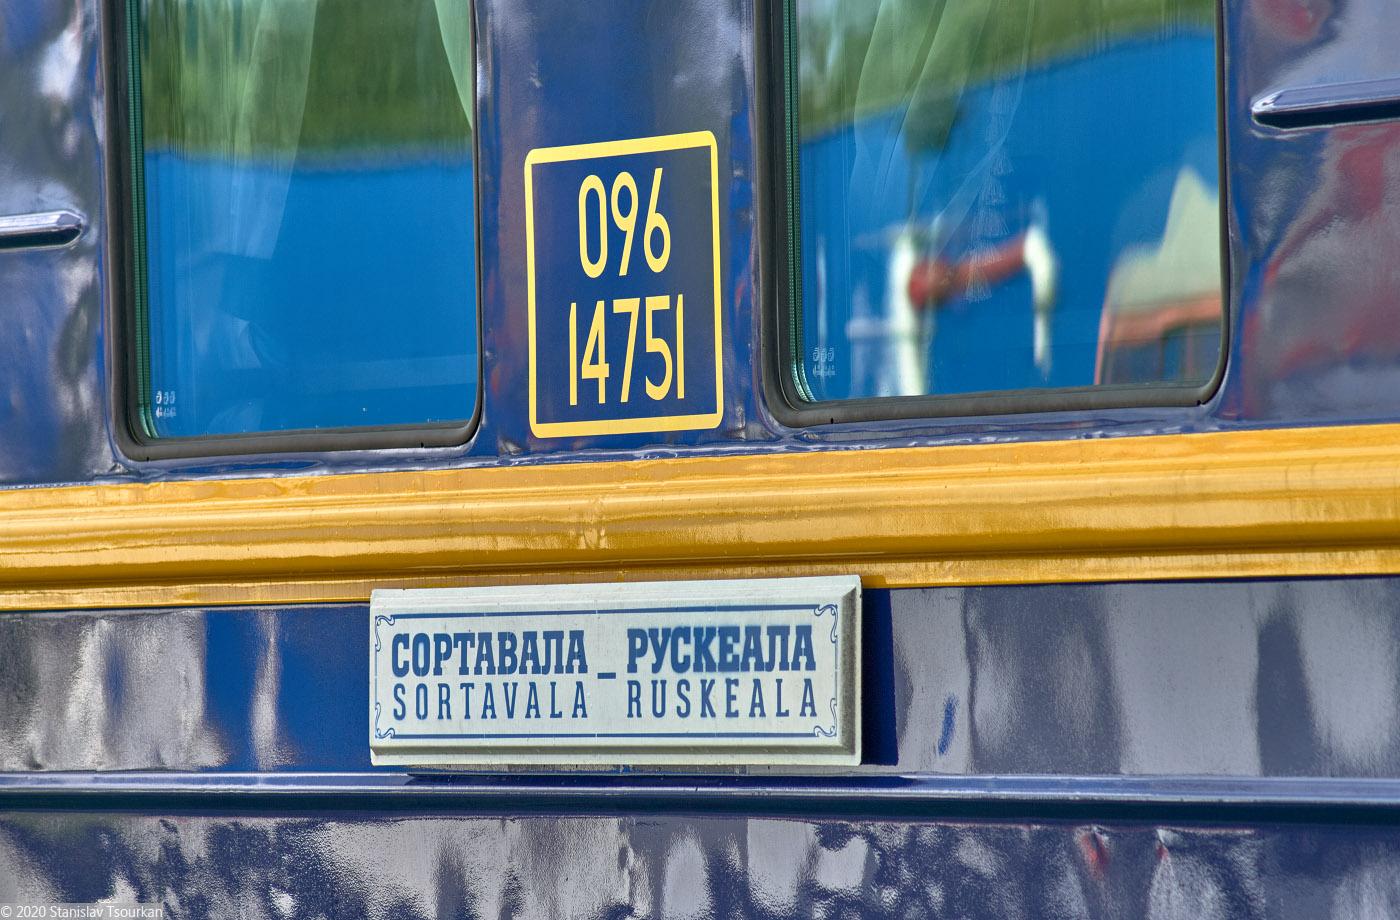 Карелия, республика Карелия, Сортавала, russia, karjala, sortavala, паровоз, рускеальский экспресс